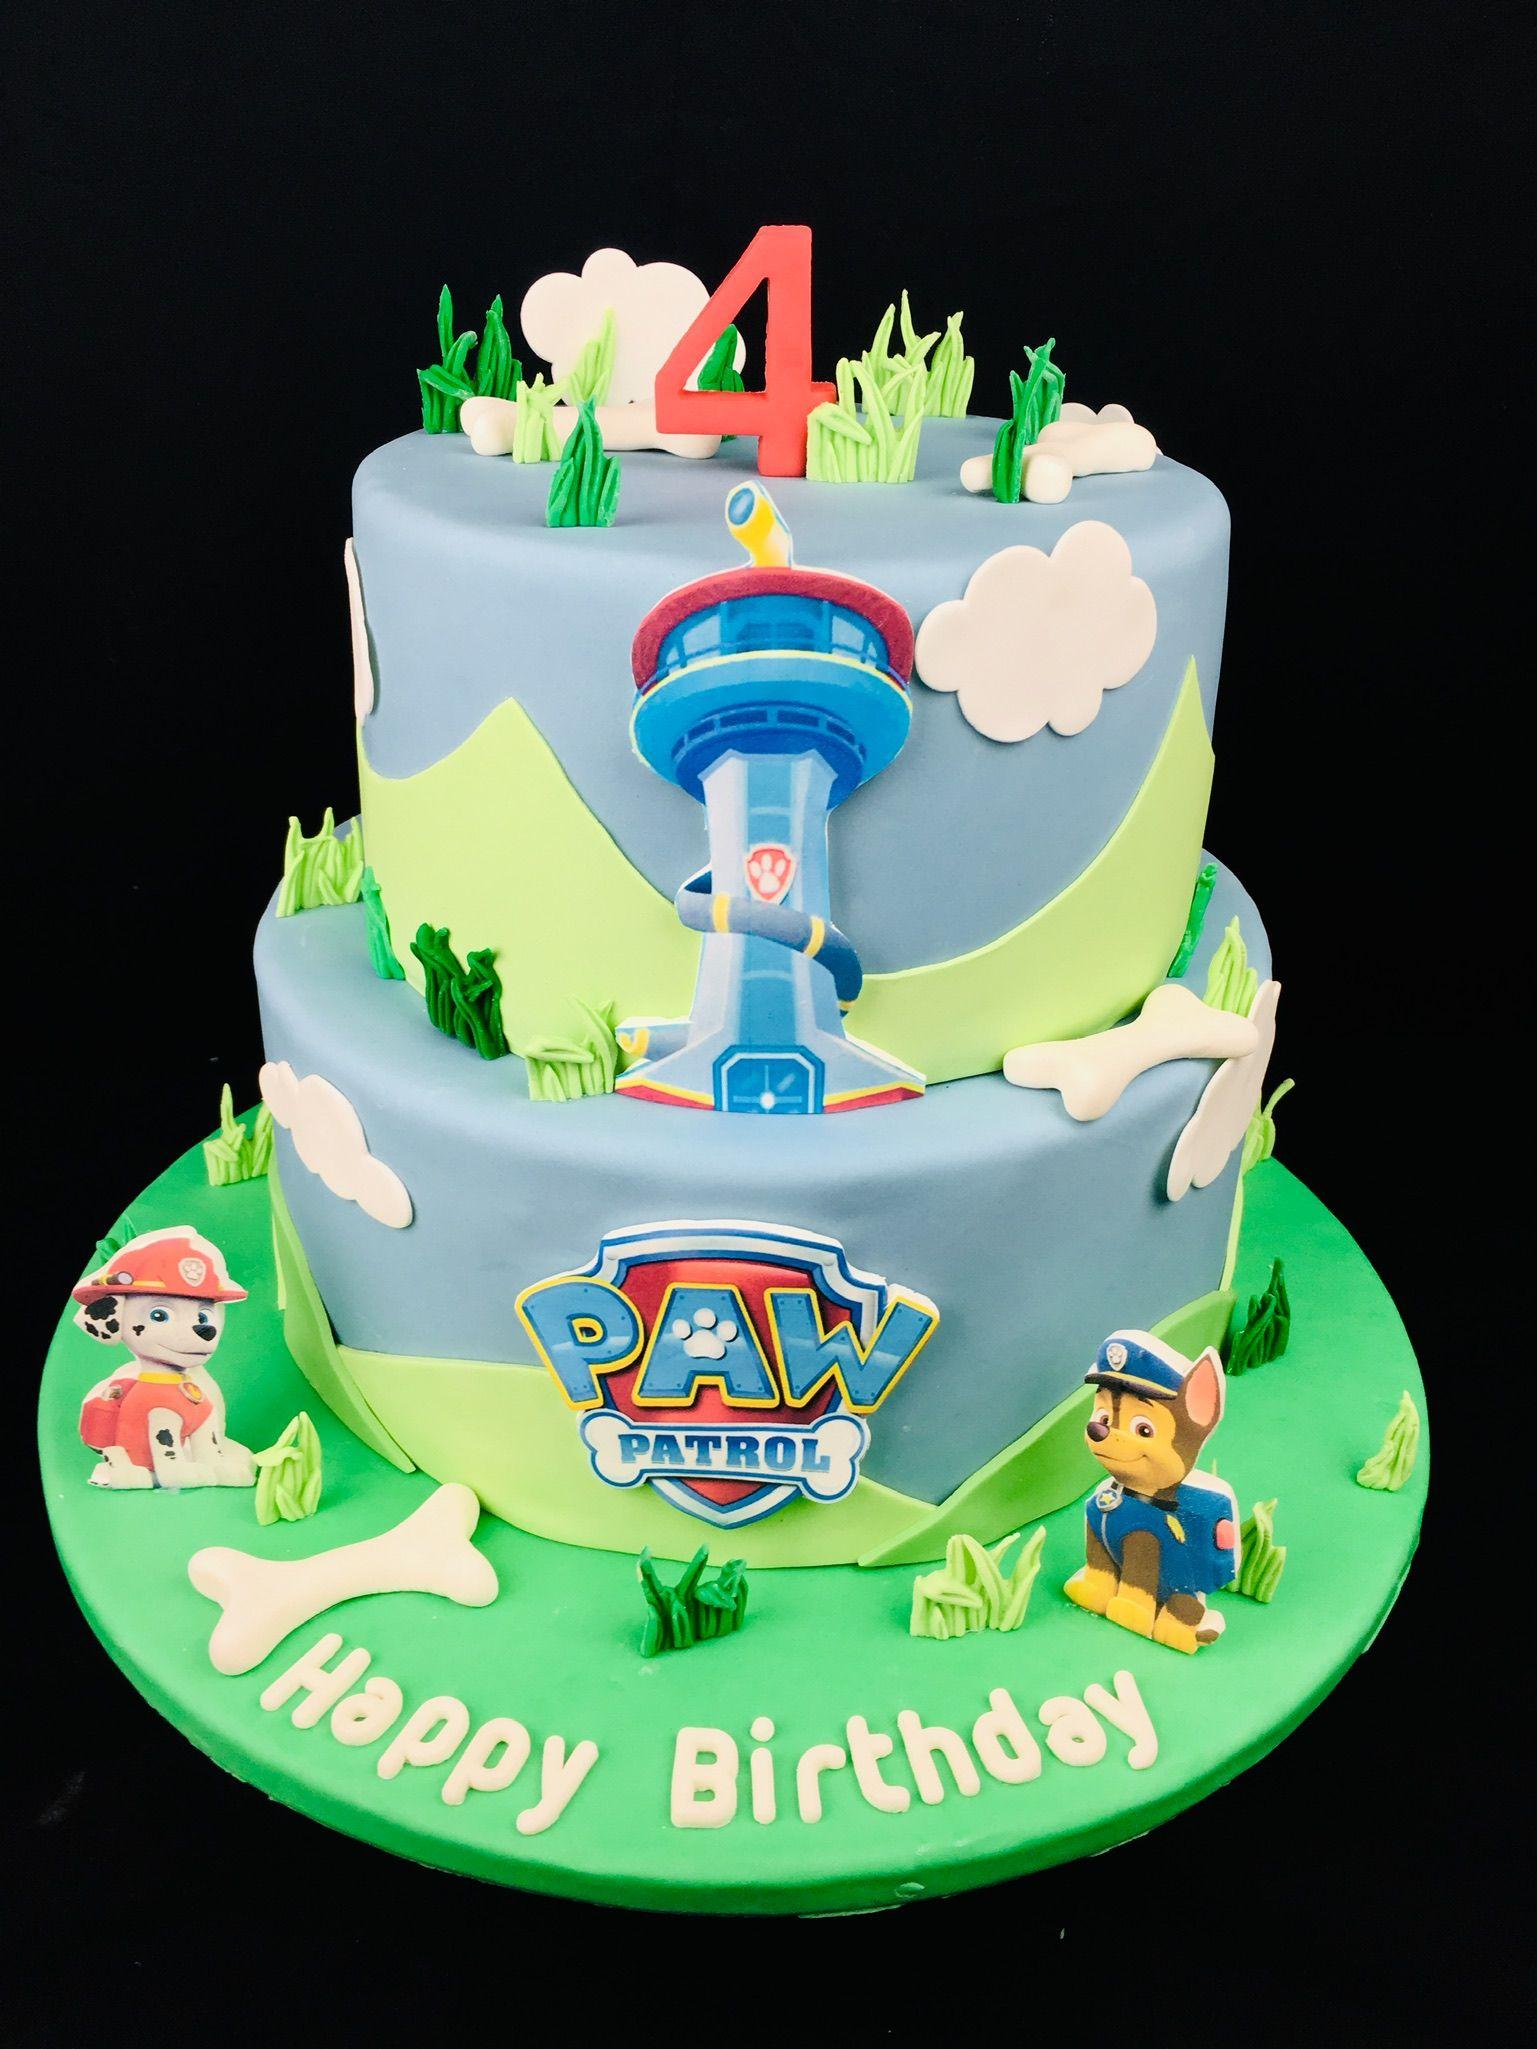 Torte Kuchen Geburtstagstorte Geburtstagskuchen Geburtstag Motivtorte Fondant Bottrop Ruhr Torte Kindergeburtstag Paw Patrol Torte Torte Kindergeburtstag Junge